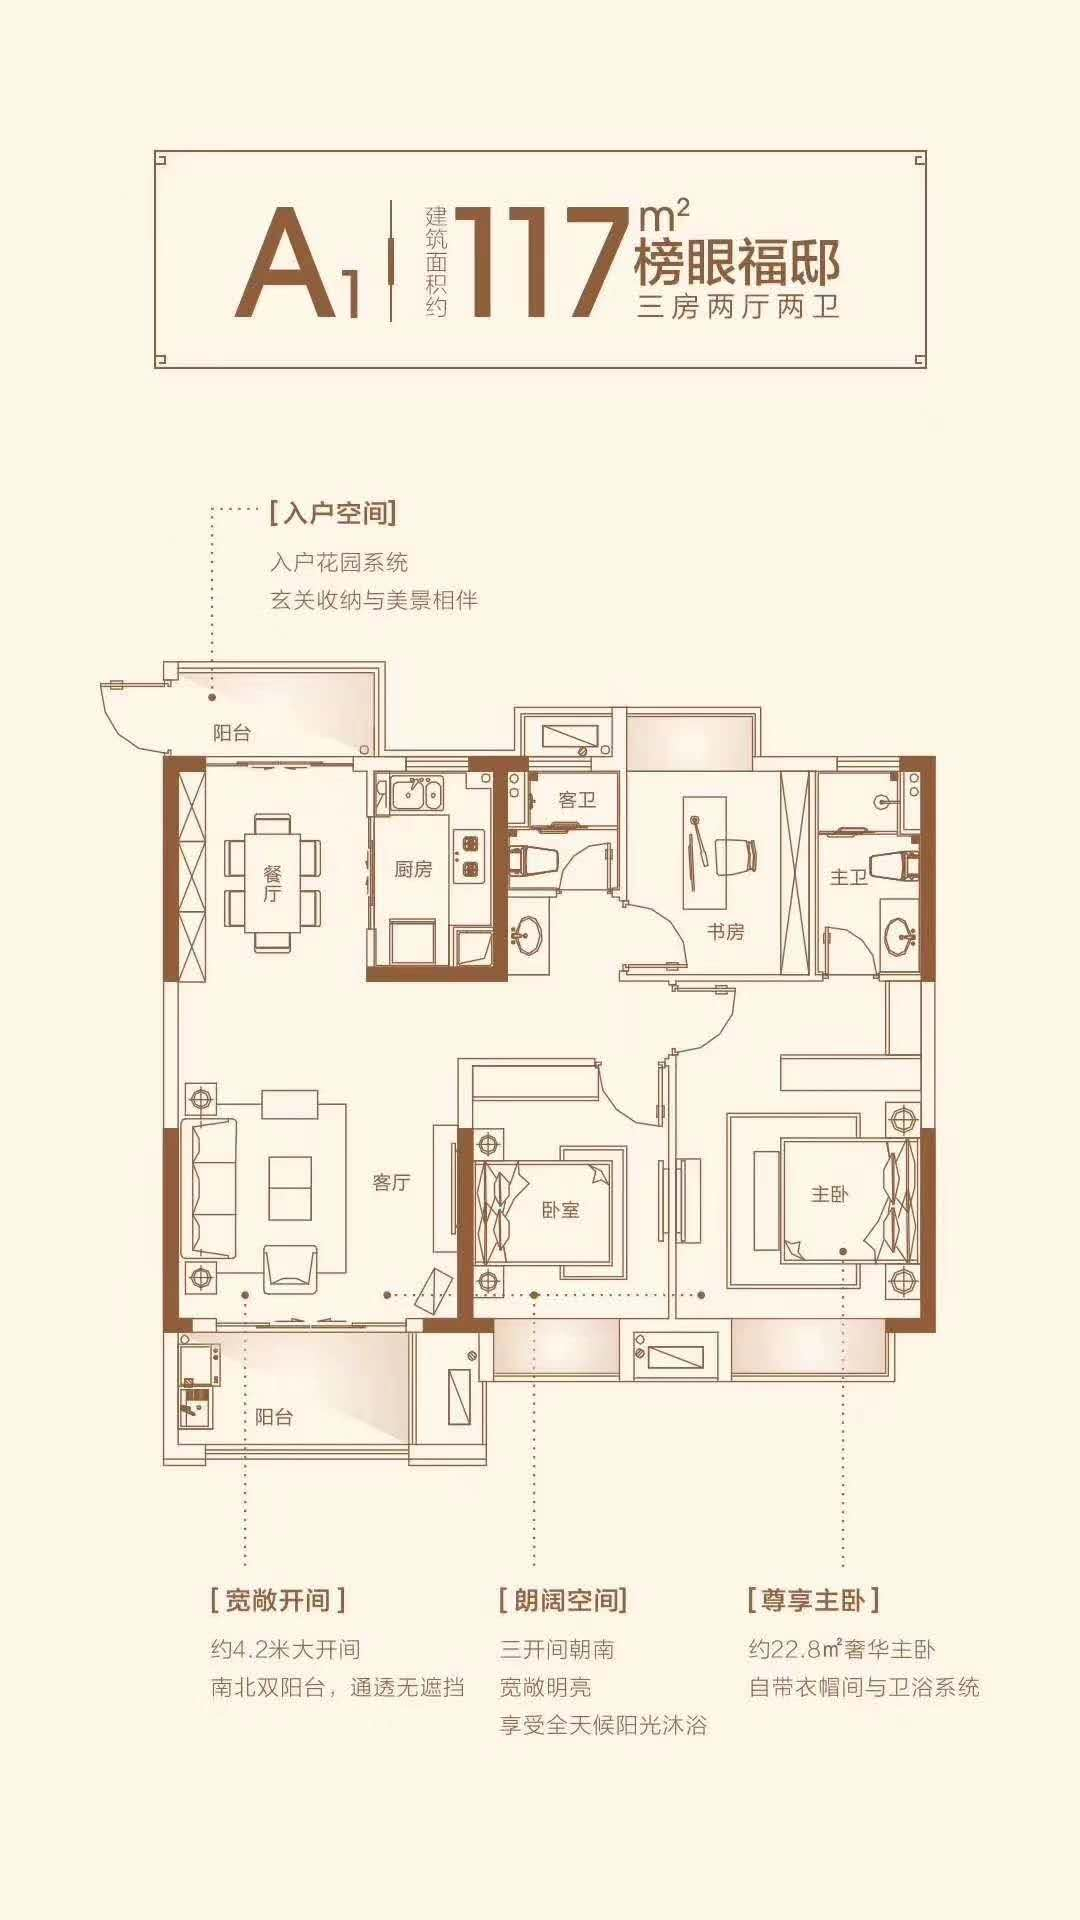 聯發新旅·君悅江山的戶型圖